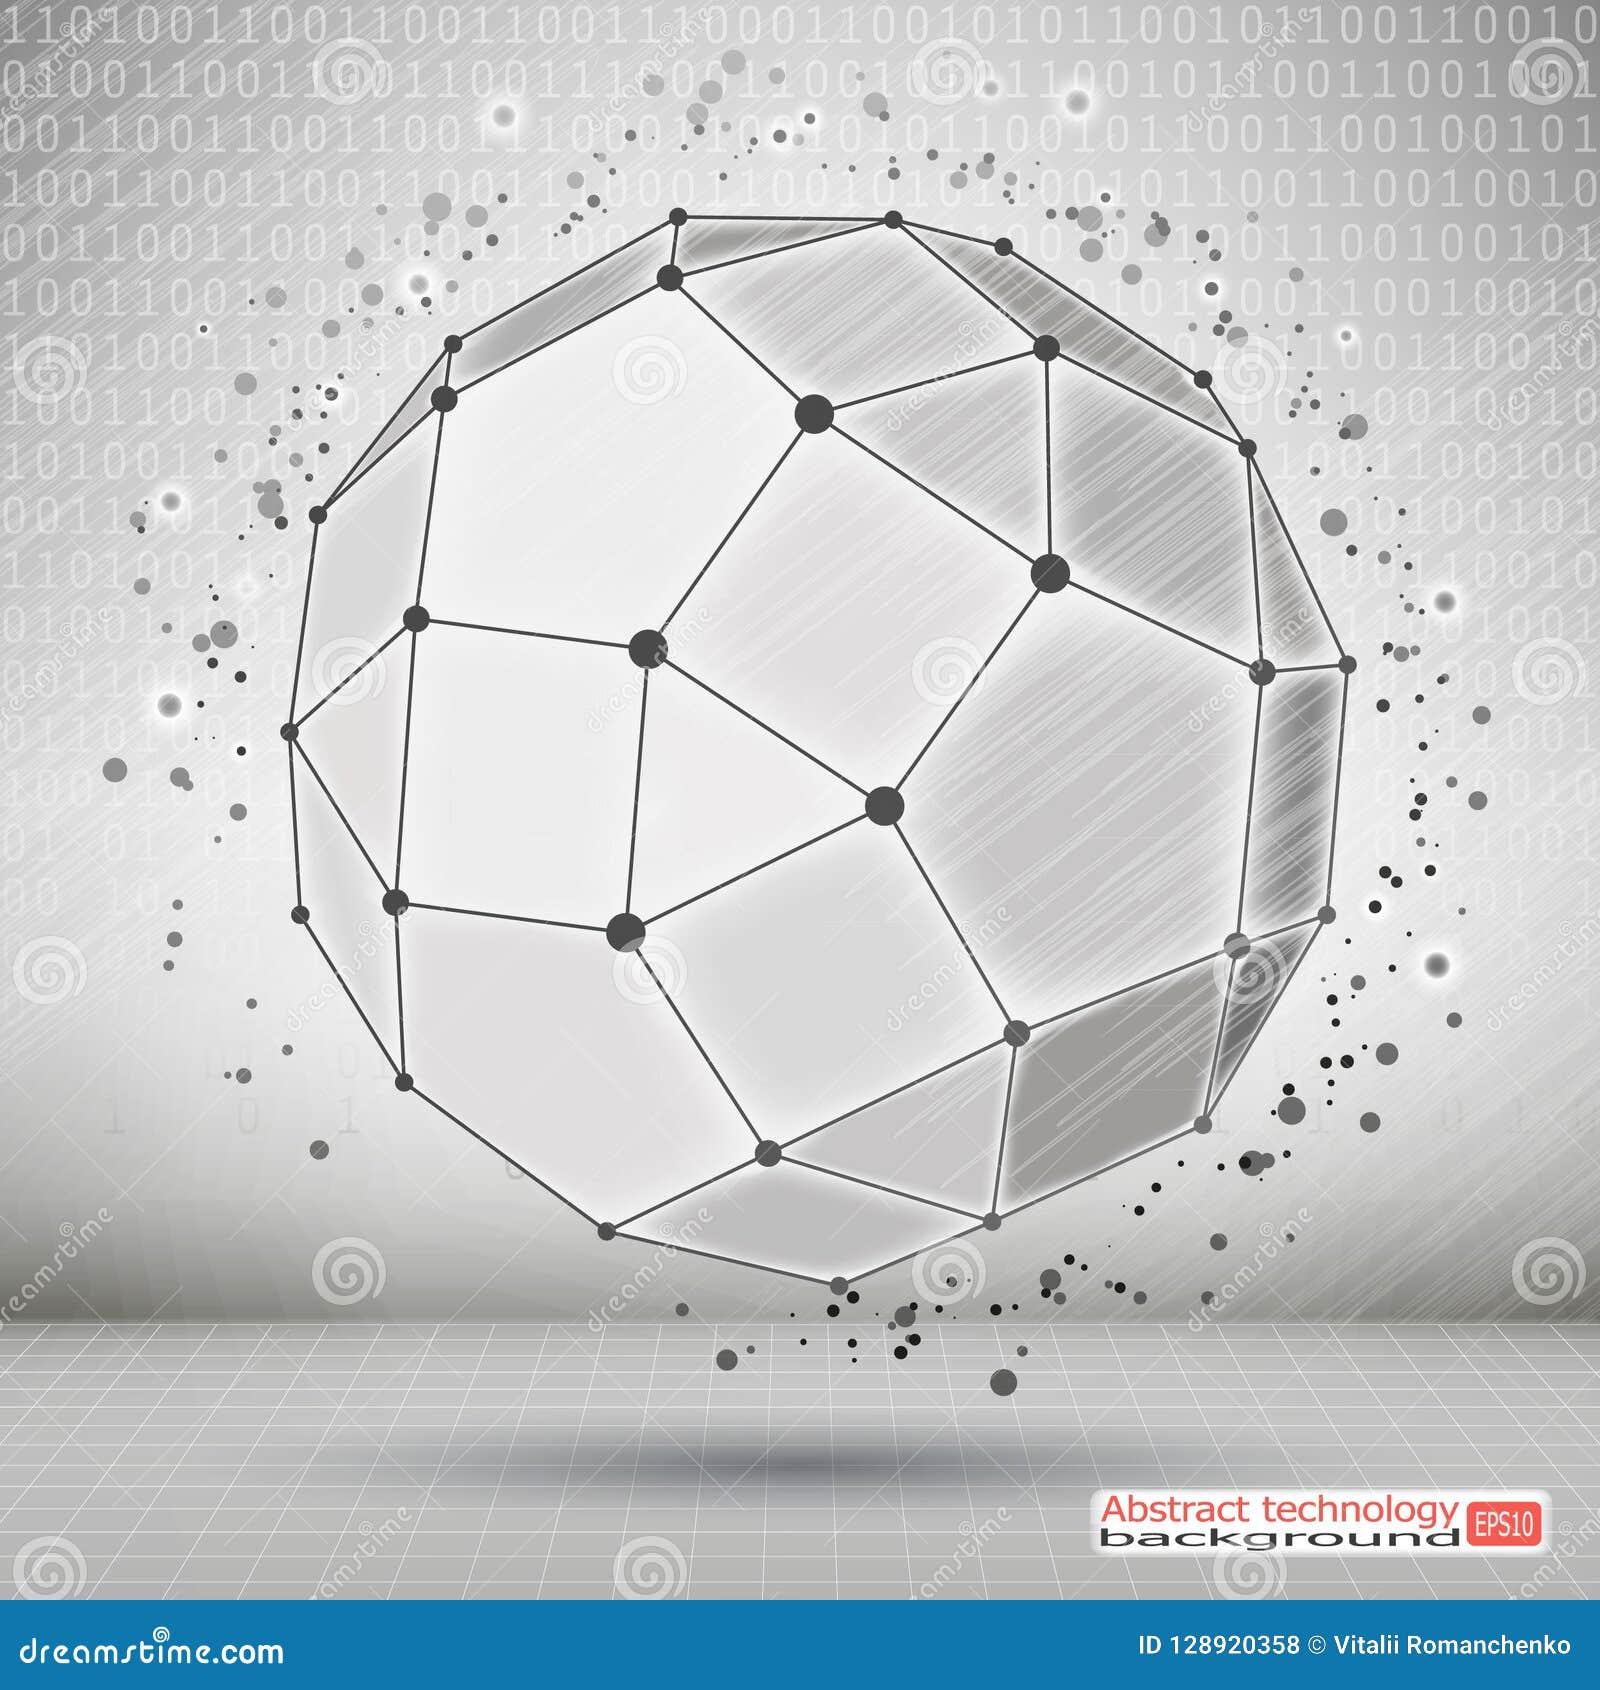 Wireframe Veelhoekig Element Technologische ontwikkeling en mededeling Abstract Geometrisch 3D Voorwerp met Dunne Lijnen